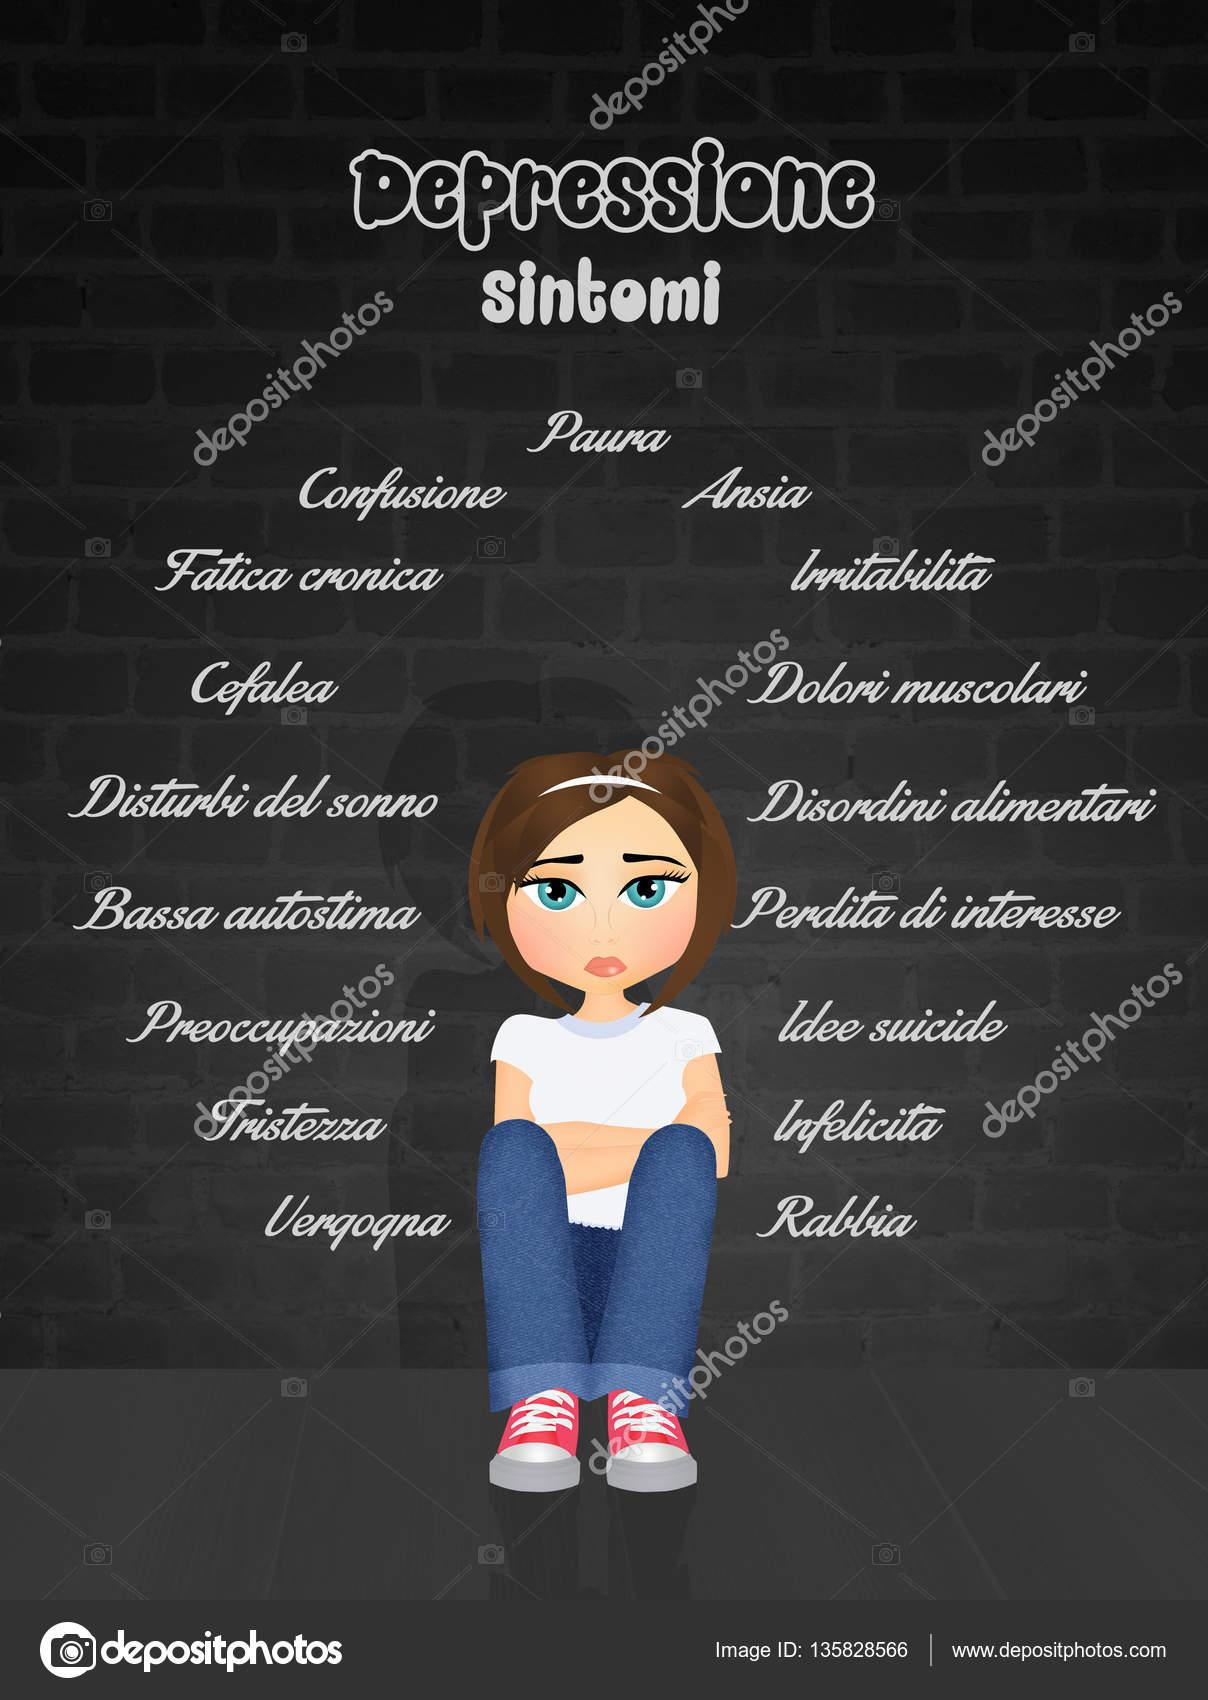 adrenalina sintomi